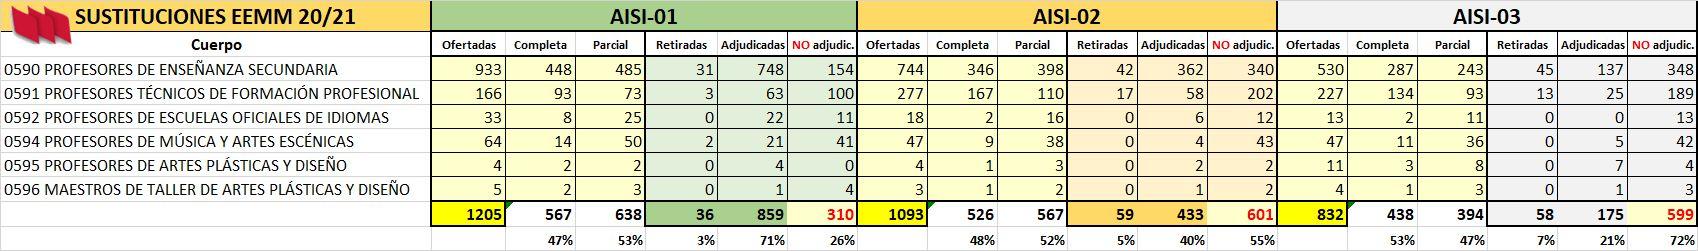 AISI-EEMM-01-02-03-Datos